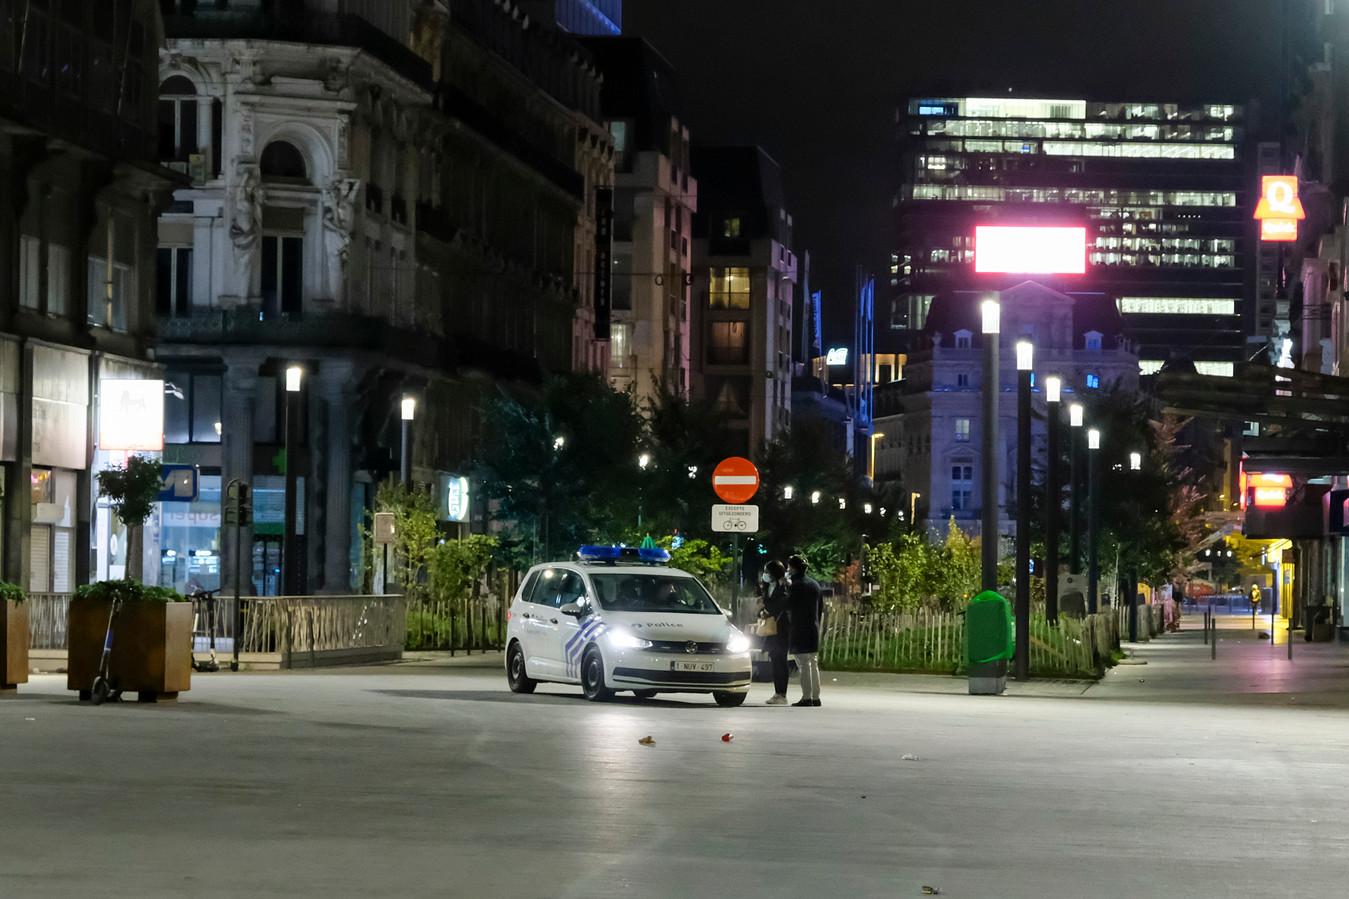 In Brussel geldt de avondklok tussen 22 en 6 uur.